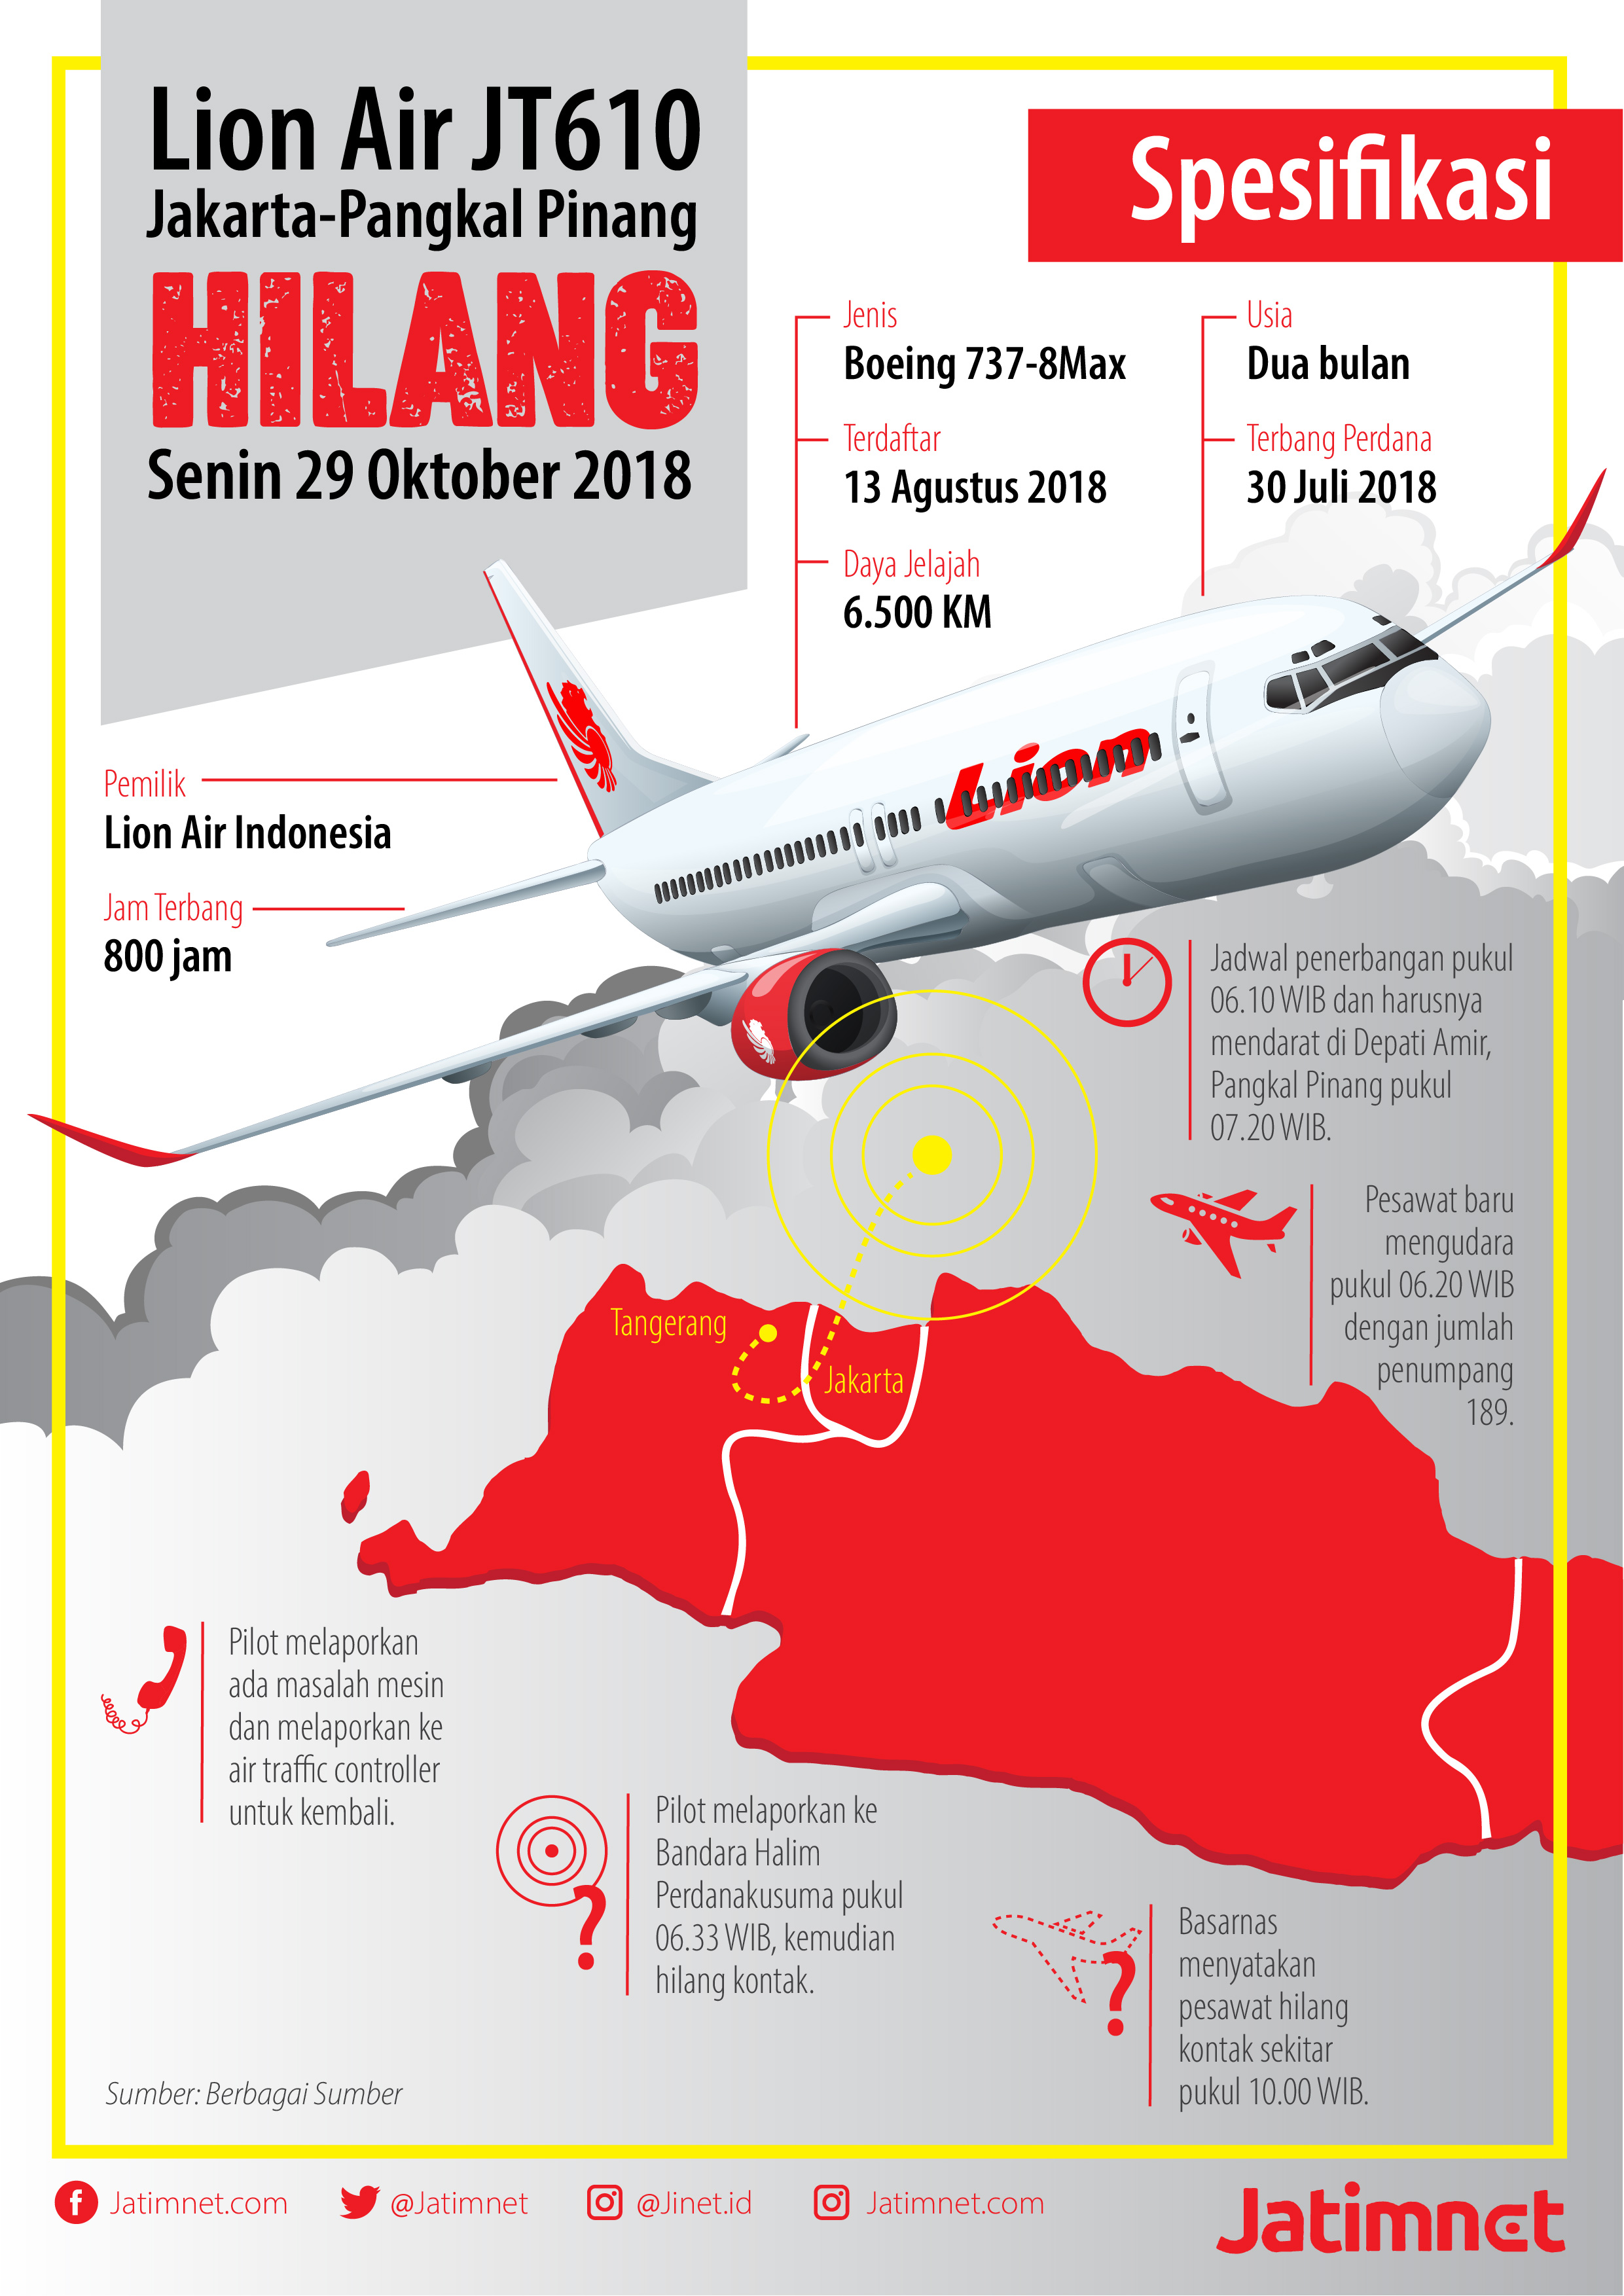 Ini Spesifikasi Pesawat Lion Air yang Jatuh